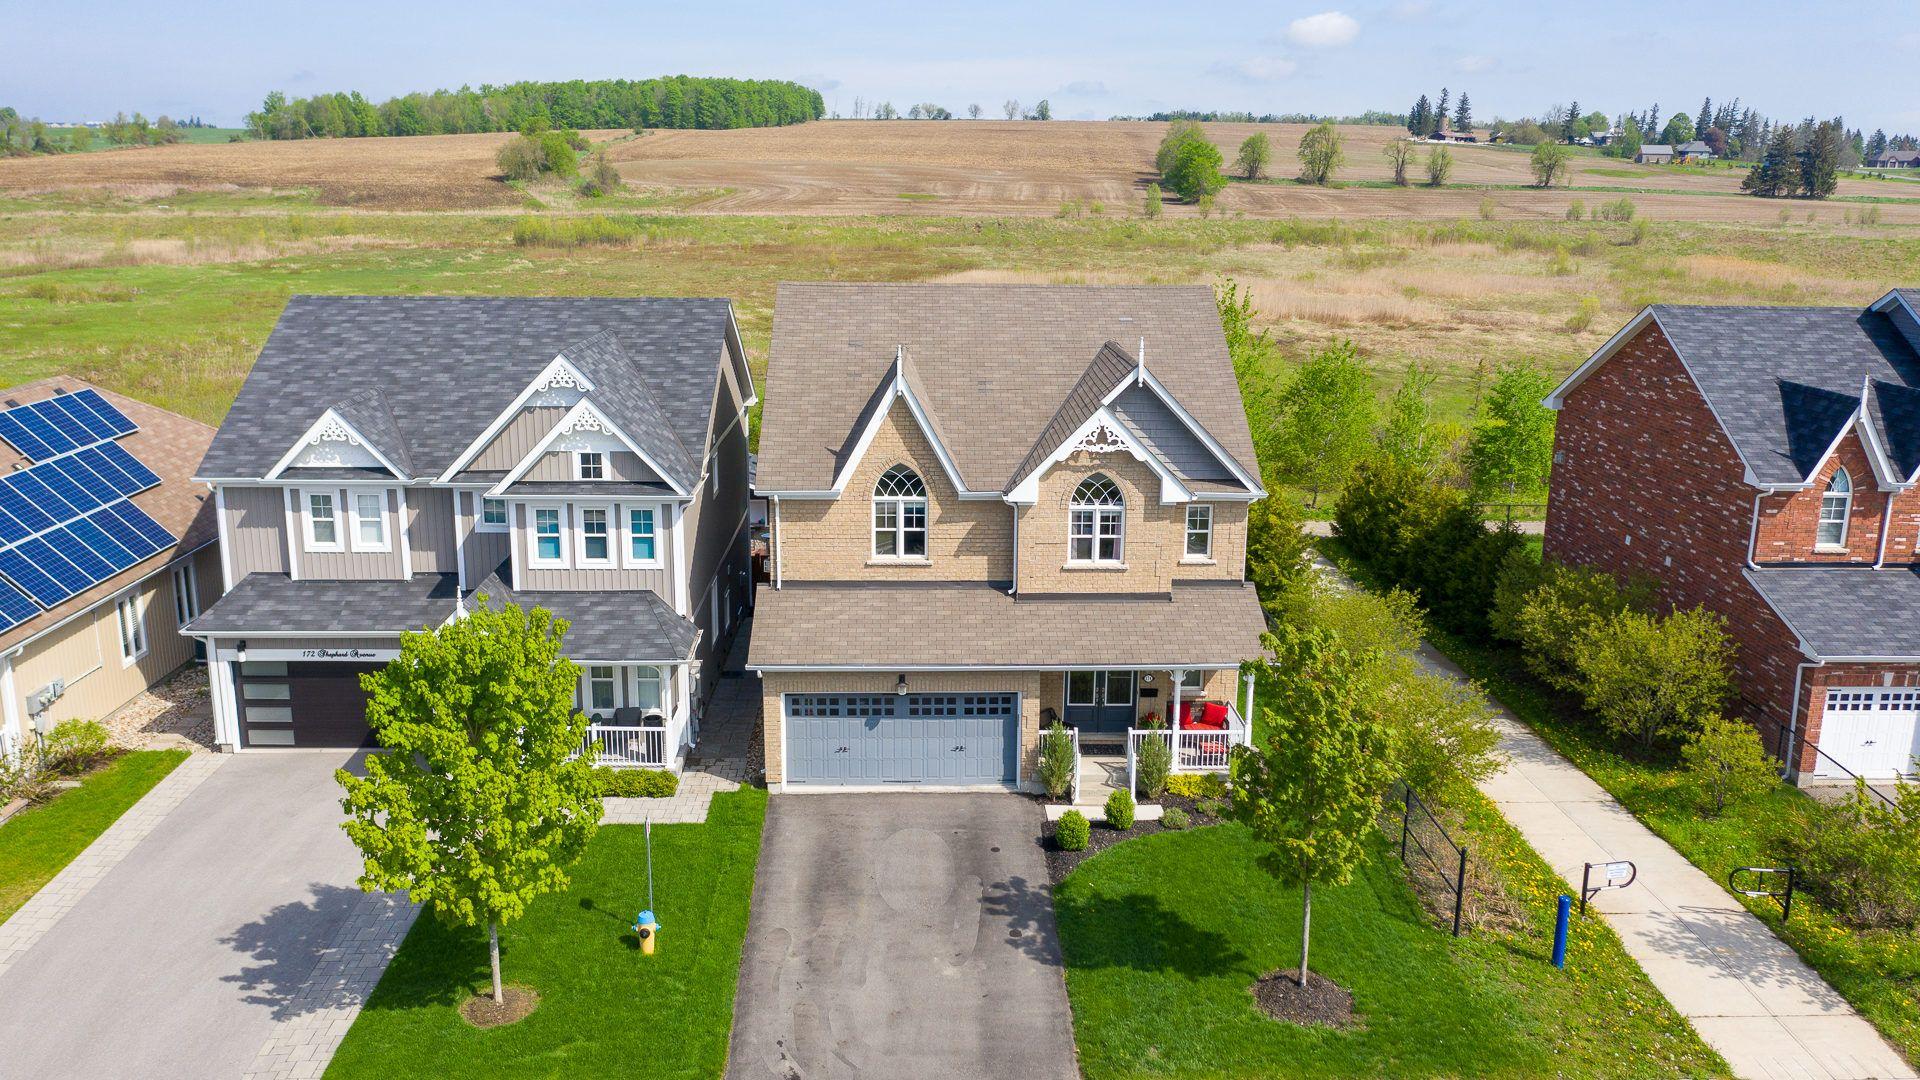 174 Shephard Ave Alliston Ontario House Styles Real Estate Video Virtual Tour